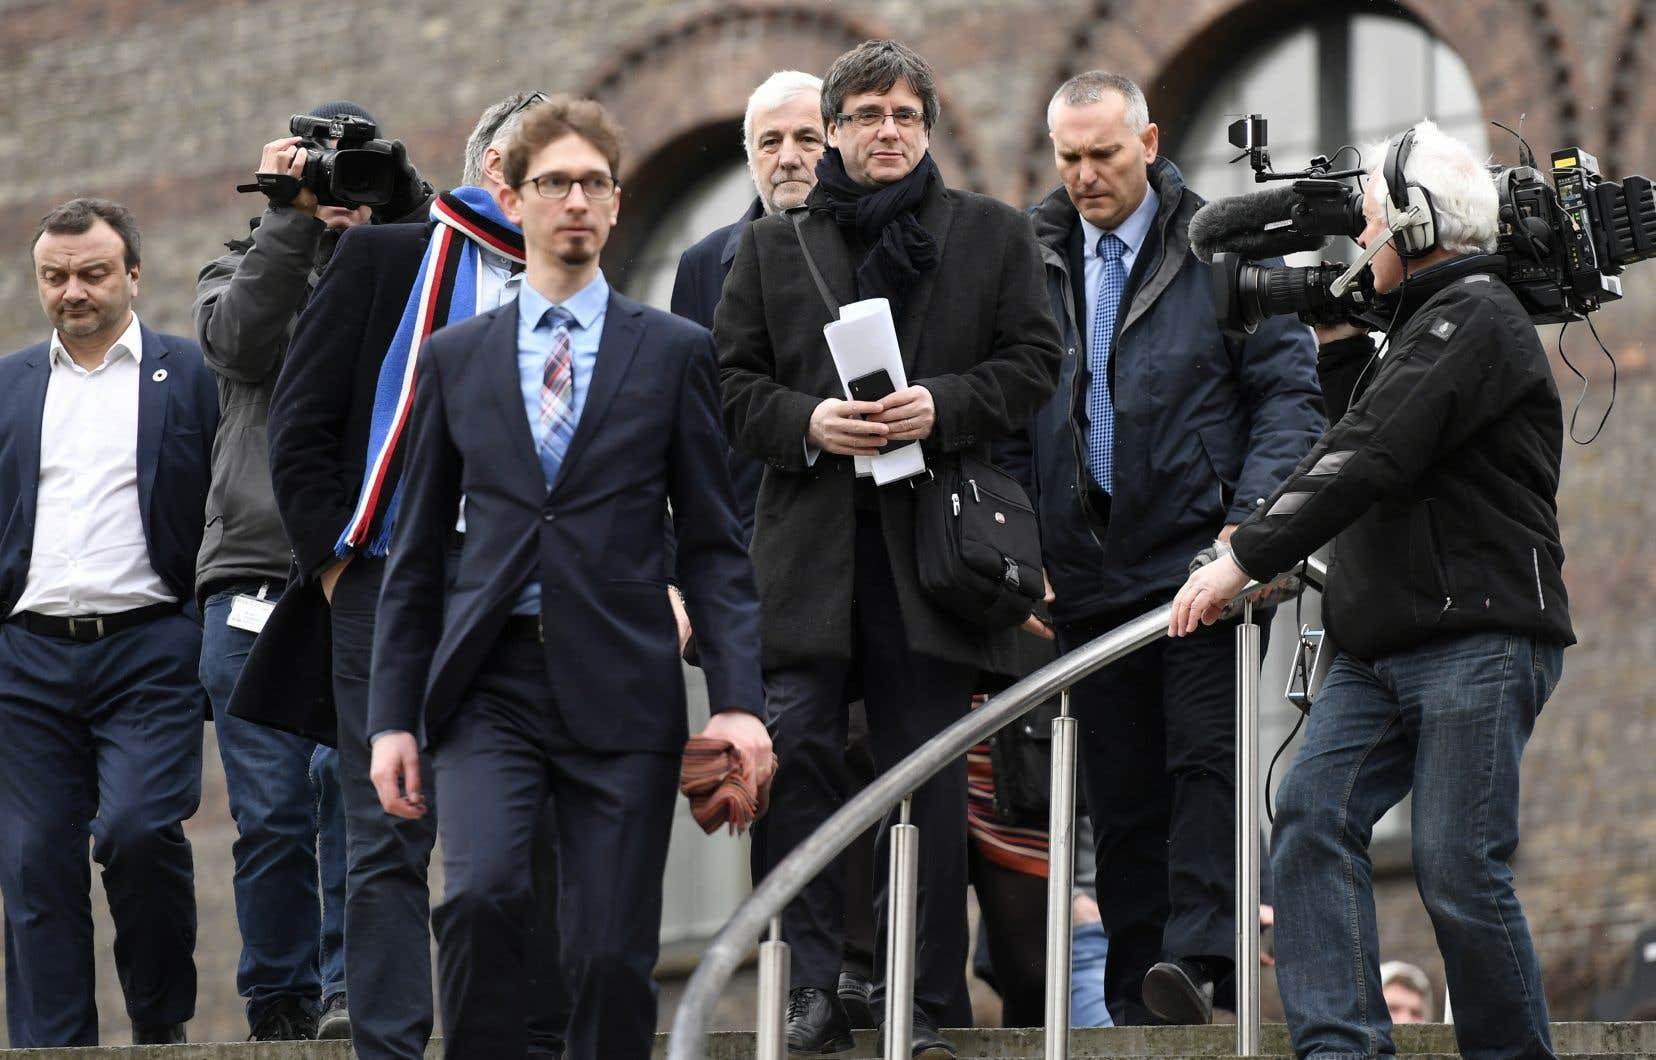 À l'Université de Copenhague, où il participait à un colloque sur la Catalogne, Carles Puigdemont a appelé au respect du processus démocratique.